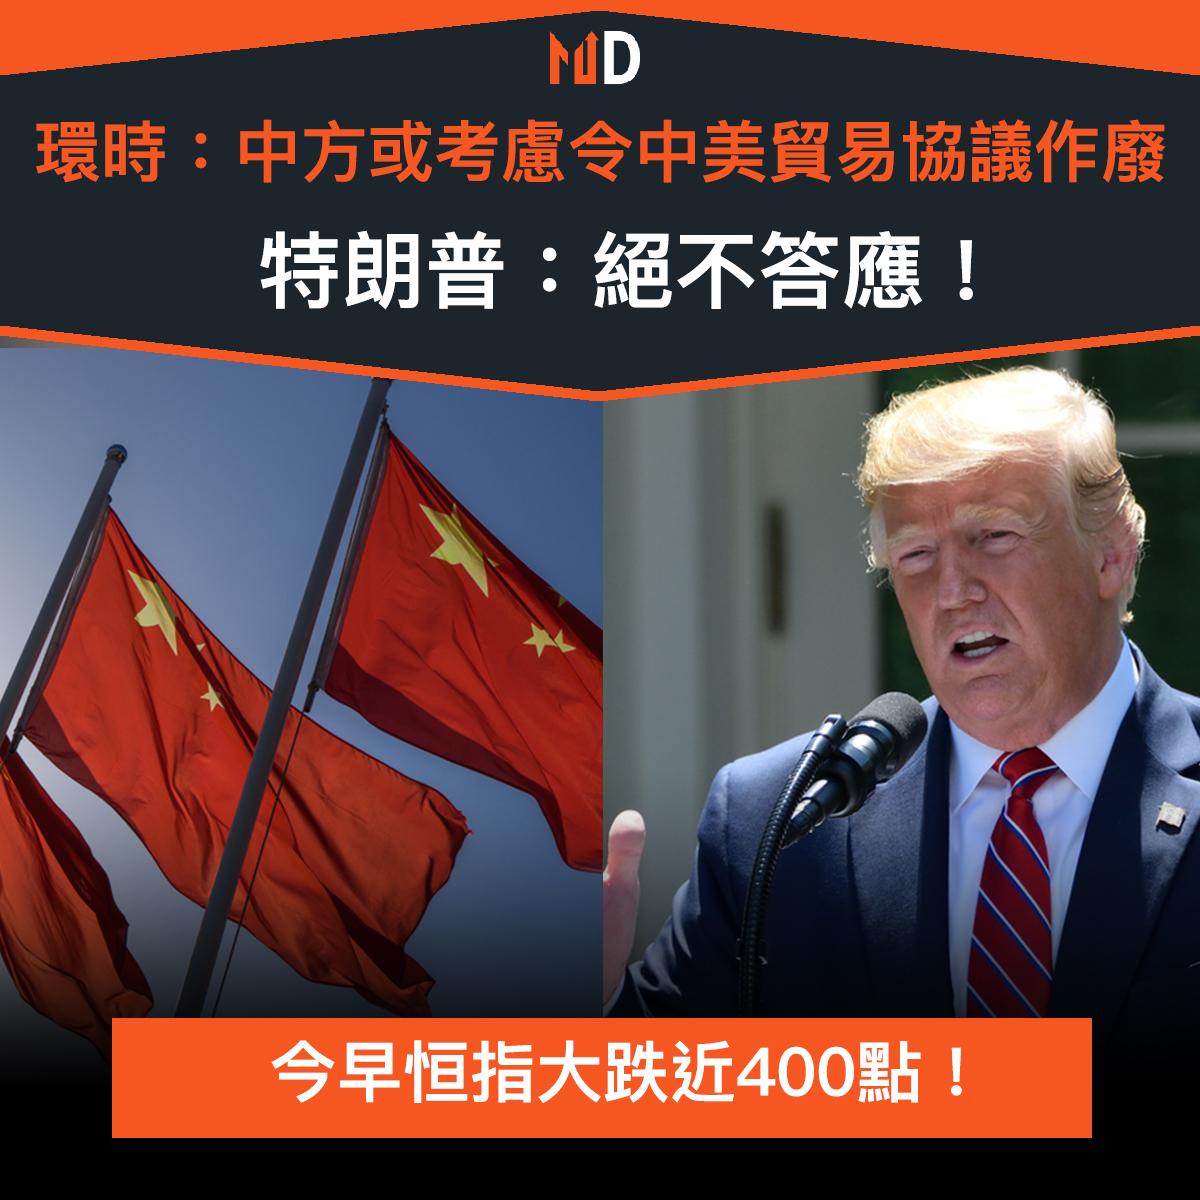 【#市場熱話】《環時》:中方有聲音想重估中美首階段貿易協議,特朗普:絕不答應